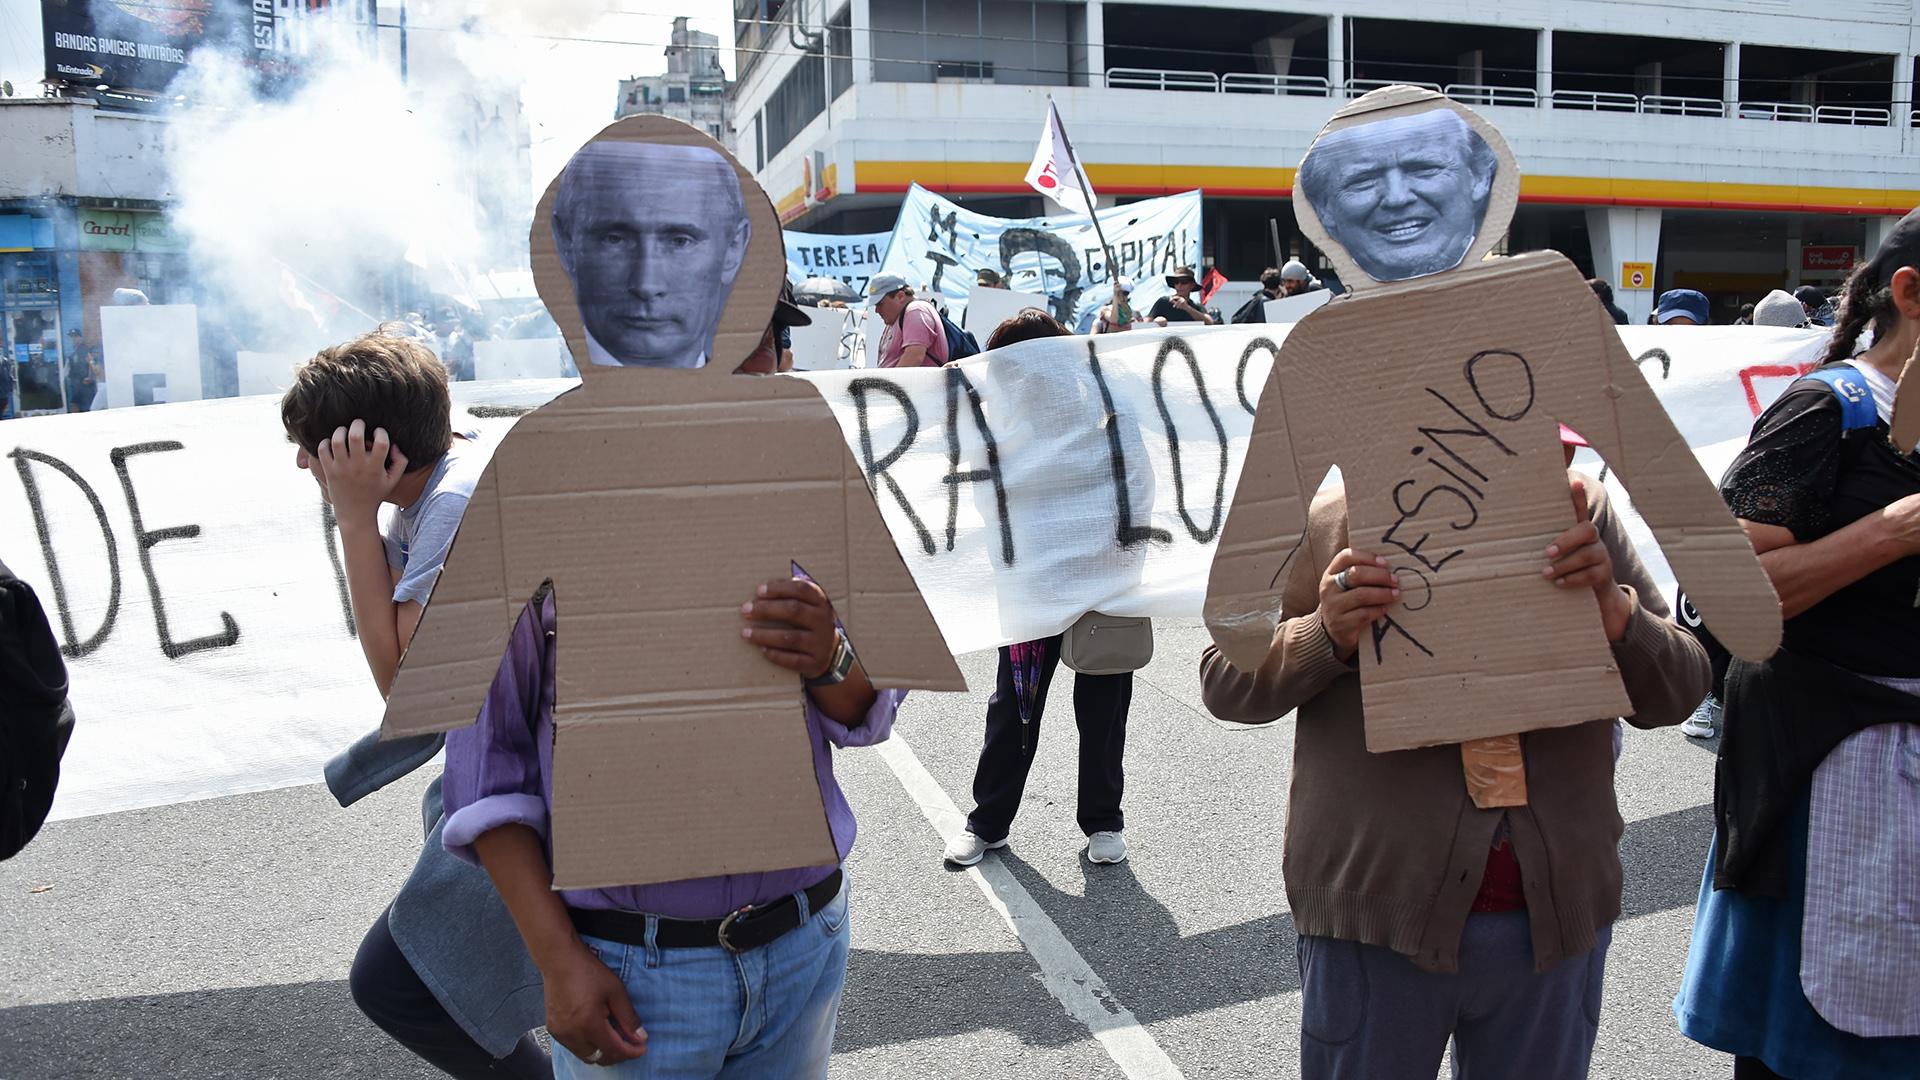 Los participantes de la marcha rechazaron la presencia de los presidentes de Rusia y Estados Unidos